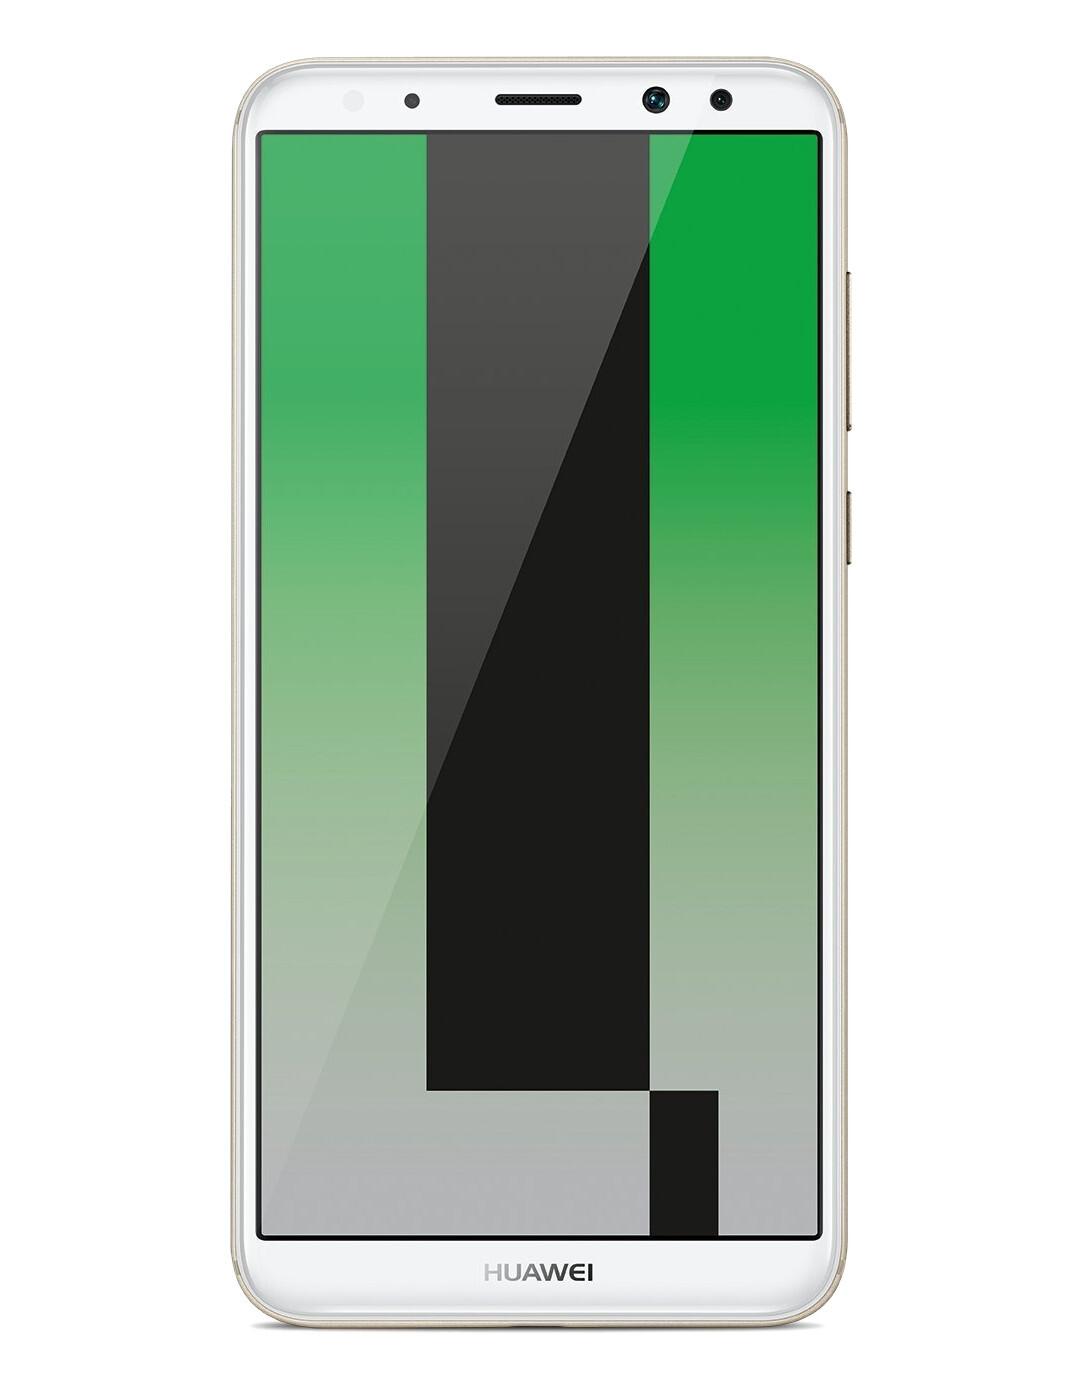 Huawei Mate 10 Lite specs